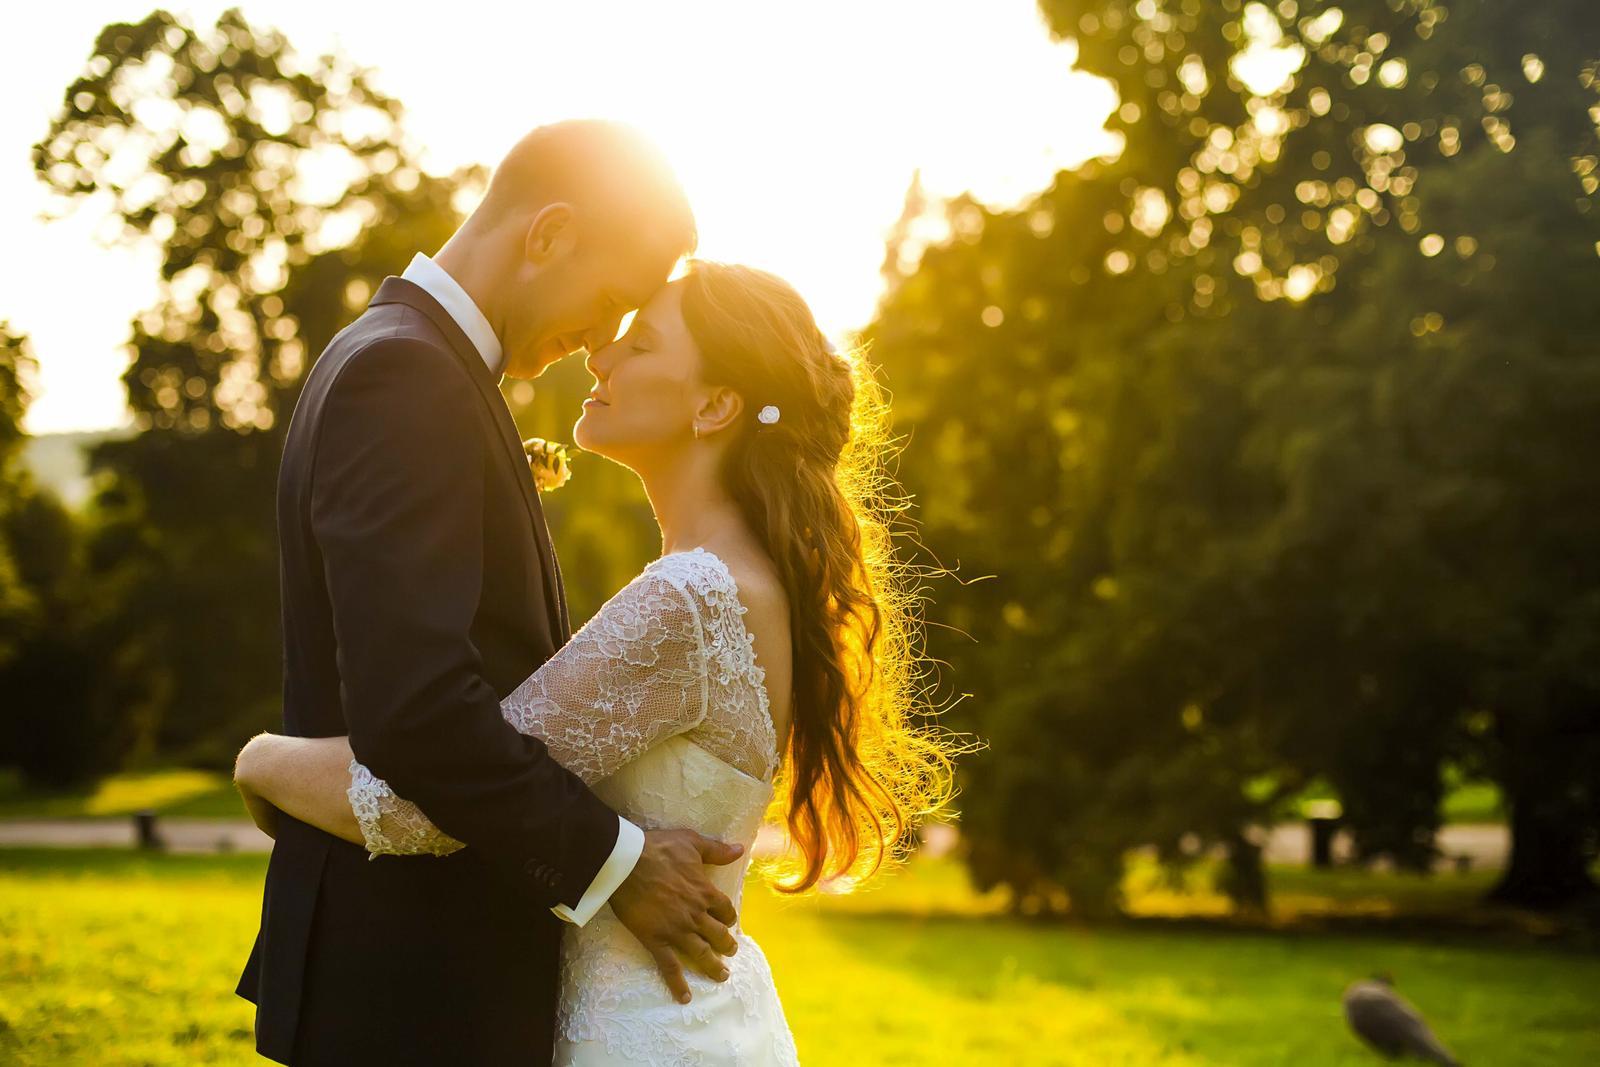 Weddings 👰2019 - Obrázek č. 13